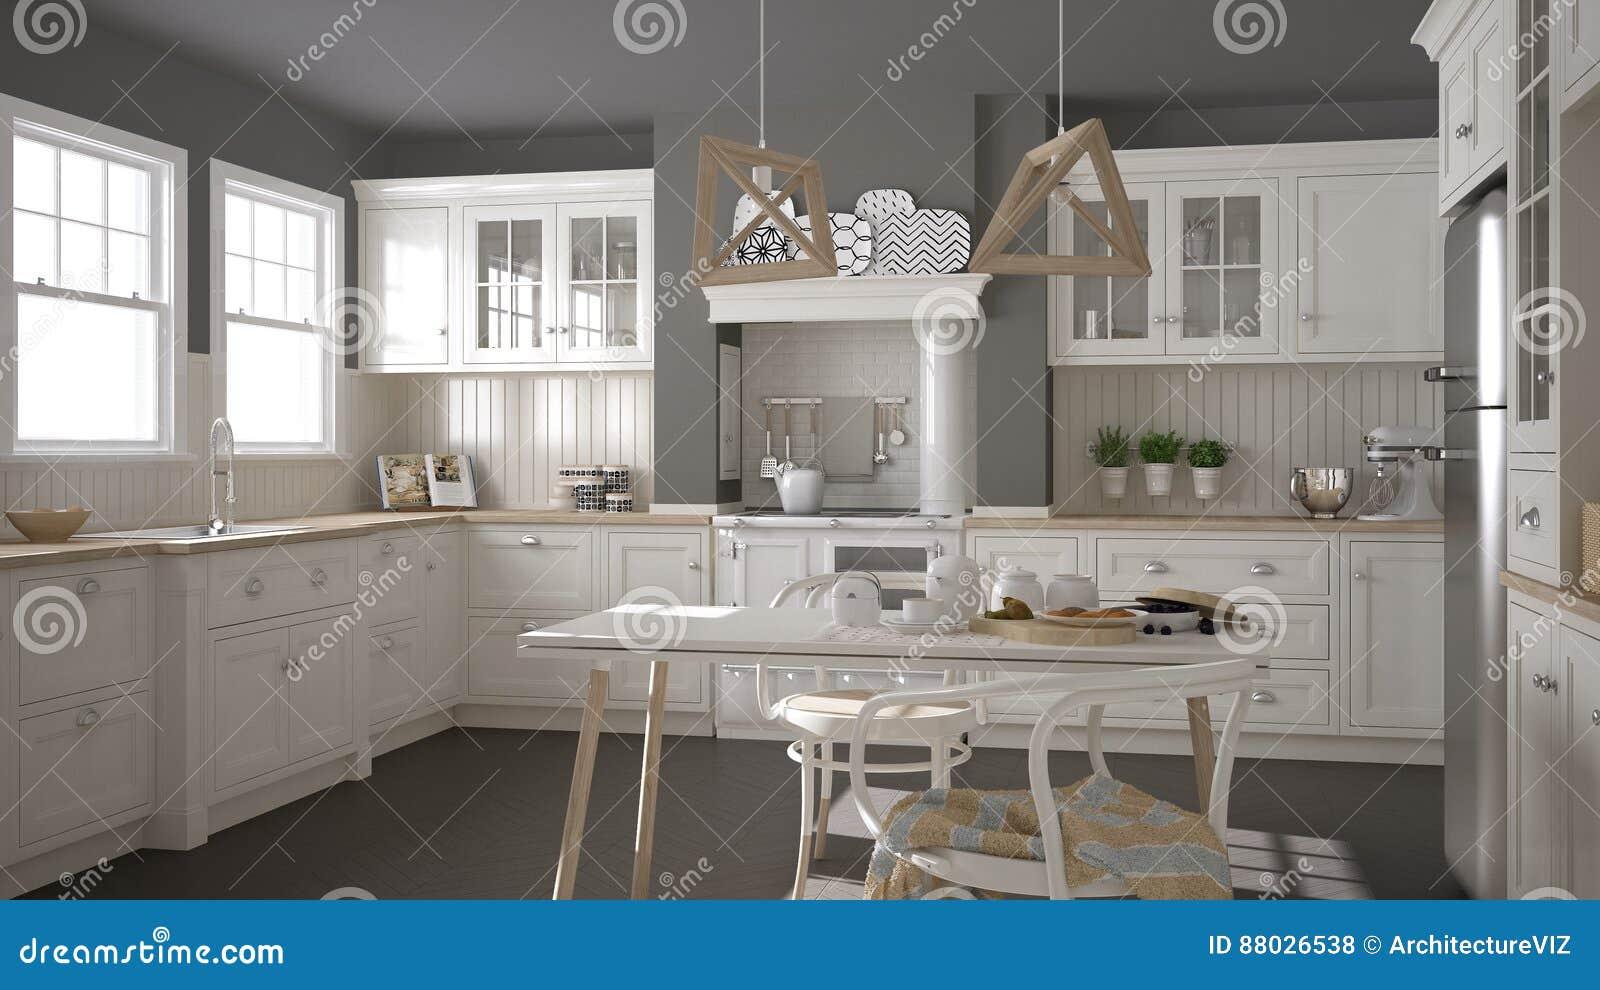 Skandynawska Klasyczna Biala Kuchnia Z Drewnianymi Szczegolami